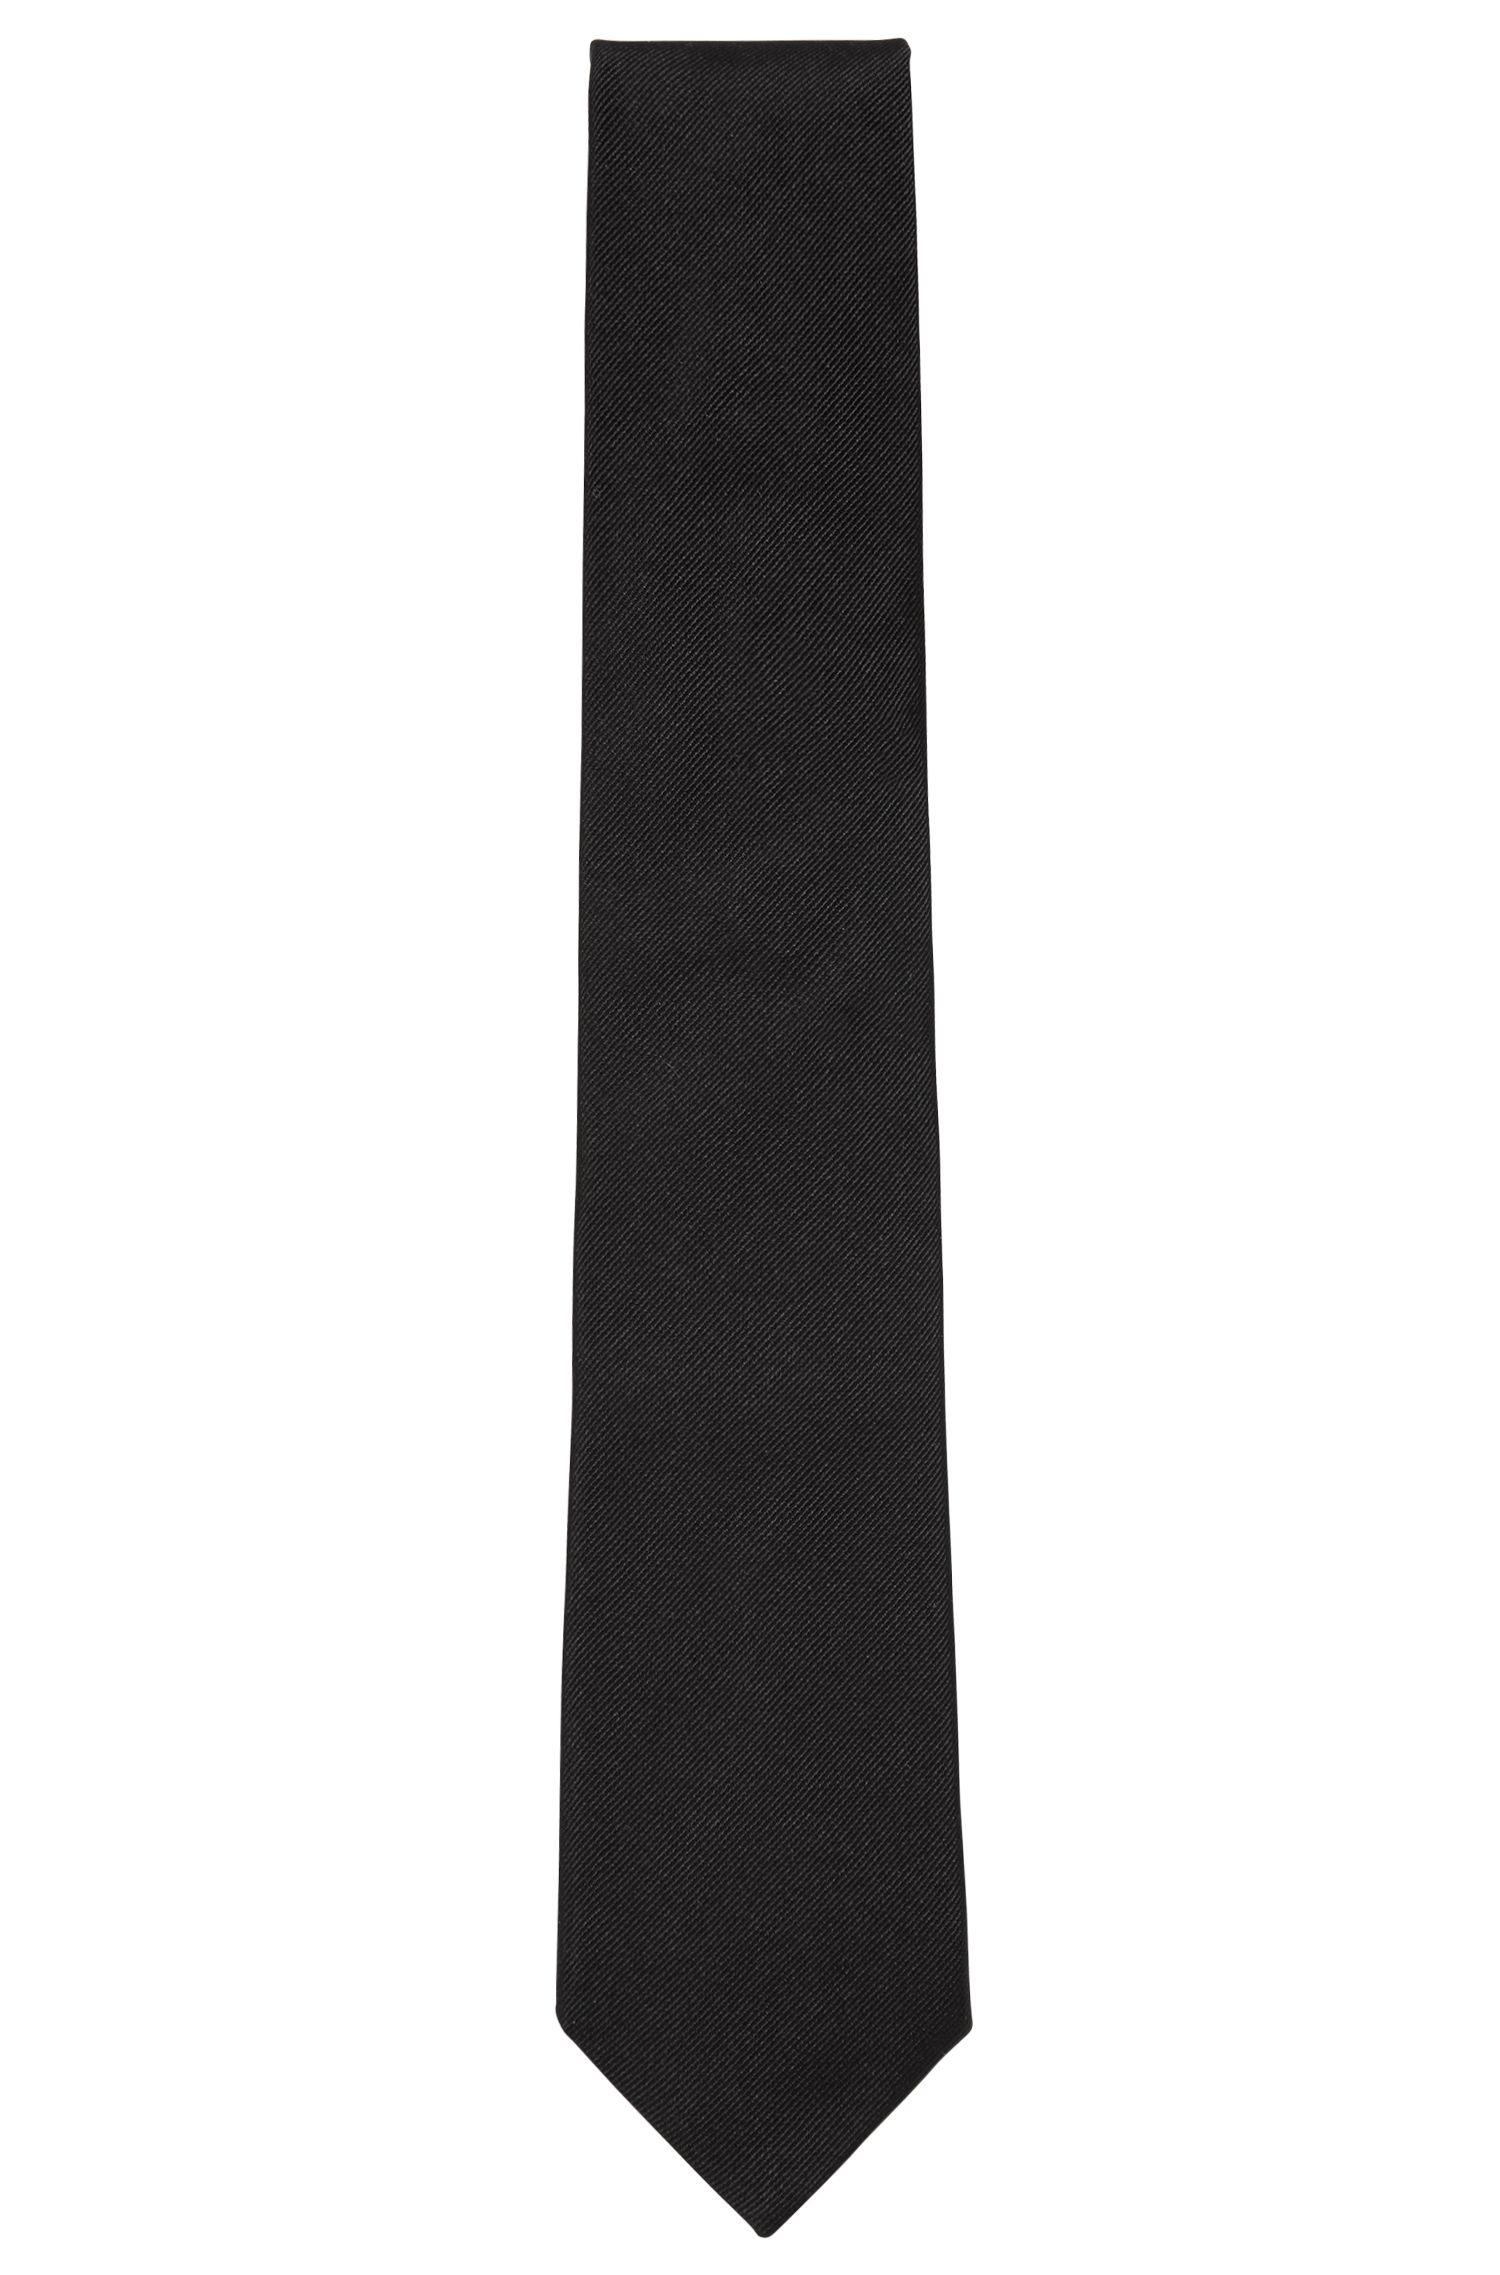 Corbata elaborada en Italia en jacquard de seda